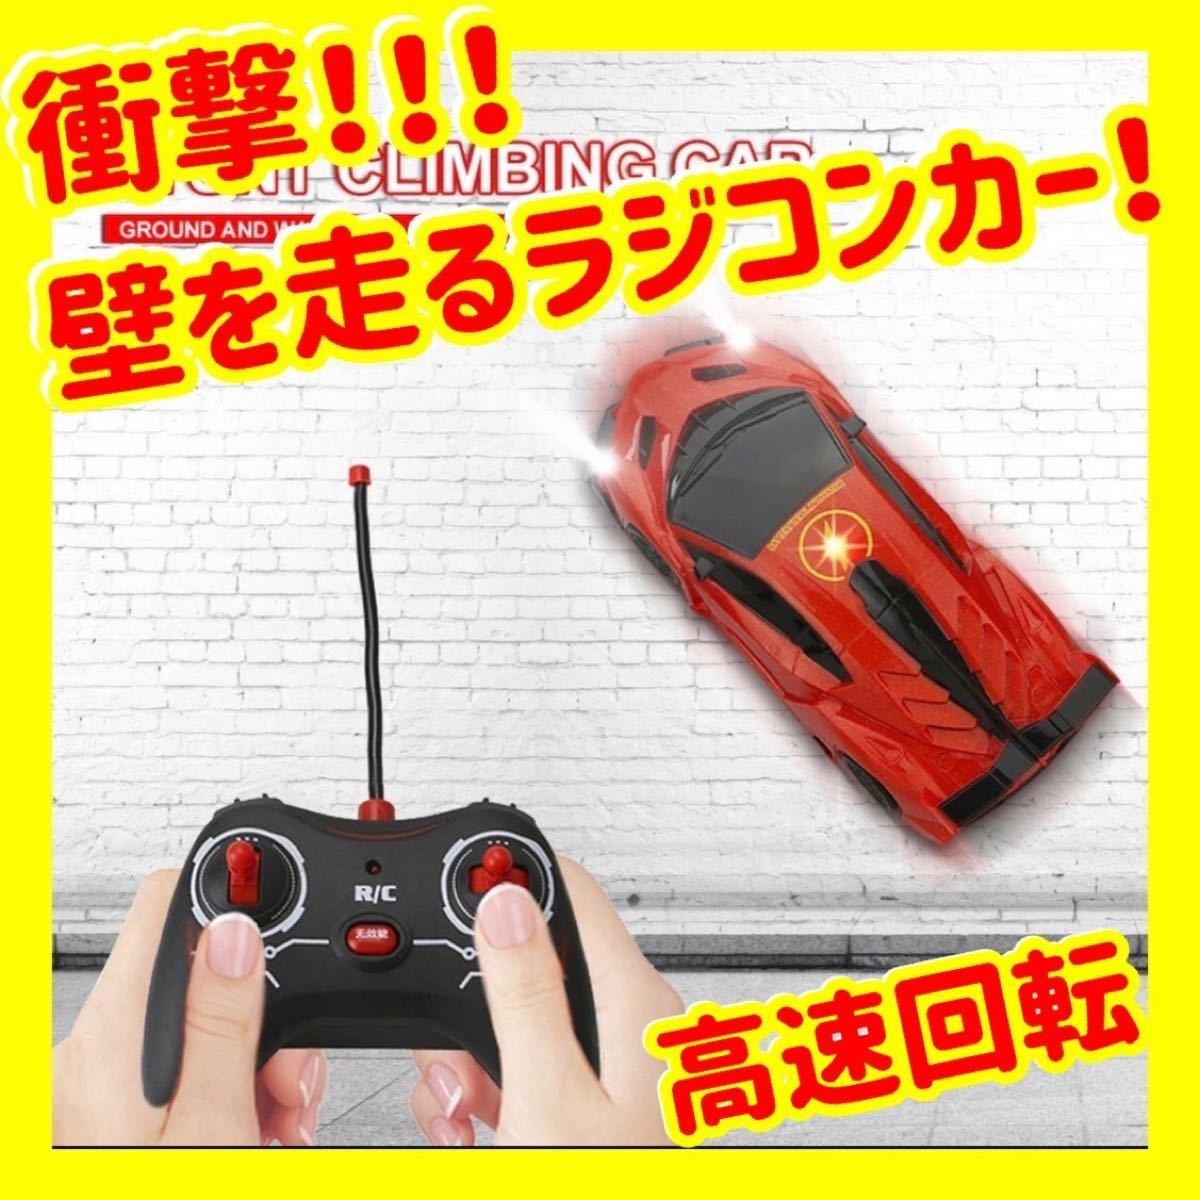 衝撃!!壁を走るラジコンカー!!高速回転!